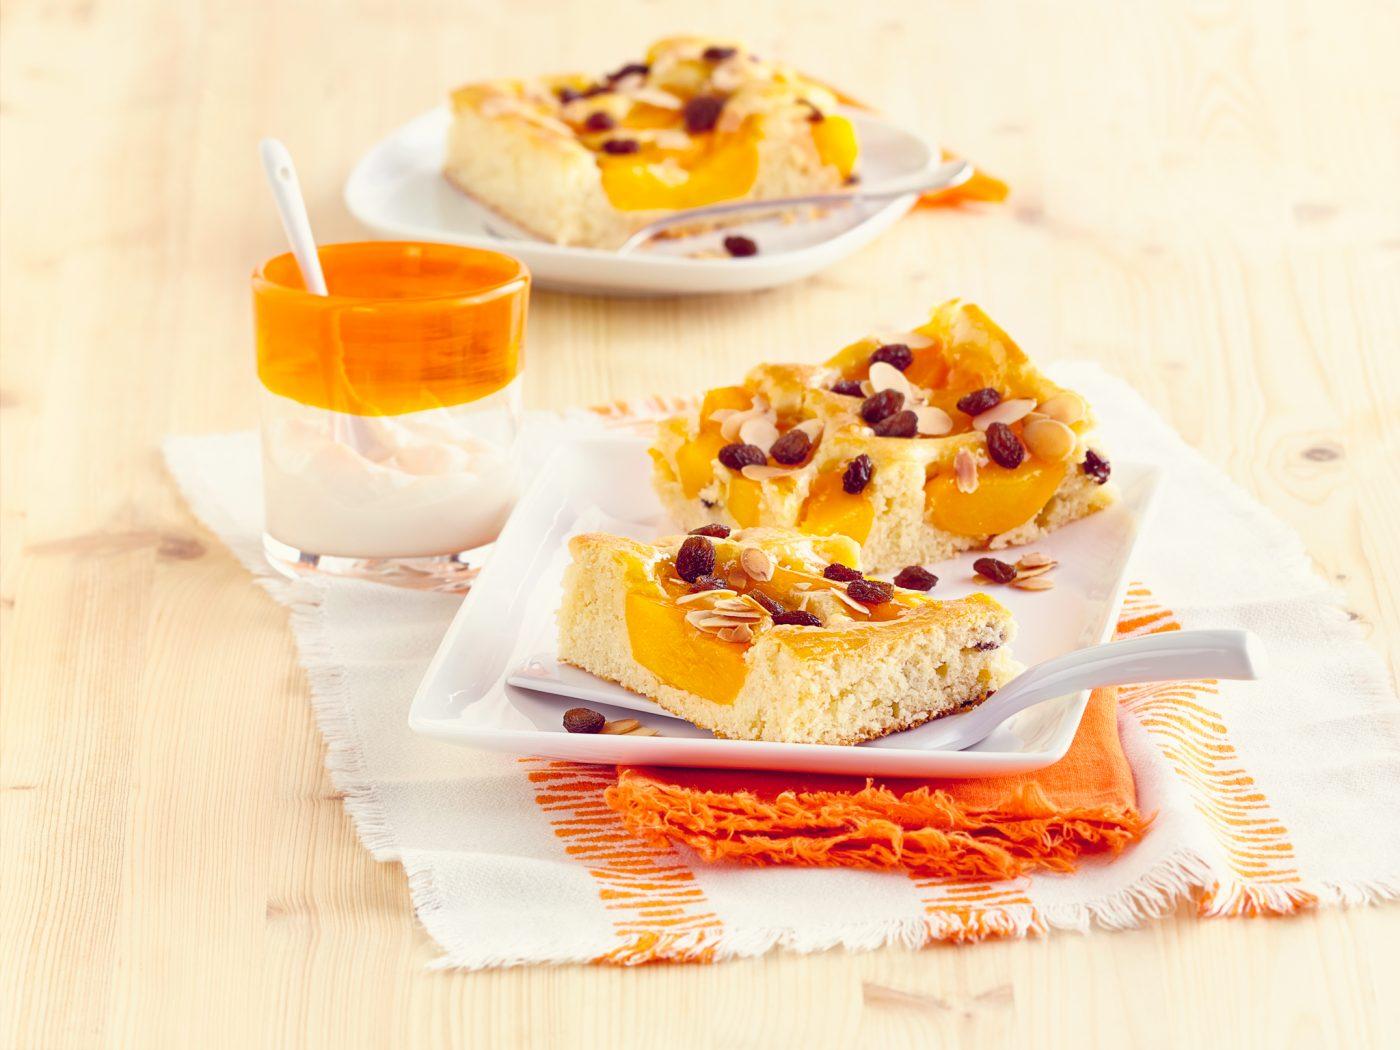 California Raisins Pfirsich-Rosinen-Blechkuchen mit Marzipan